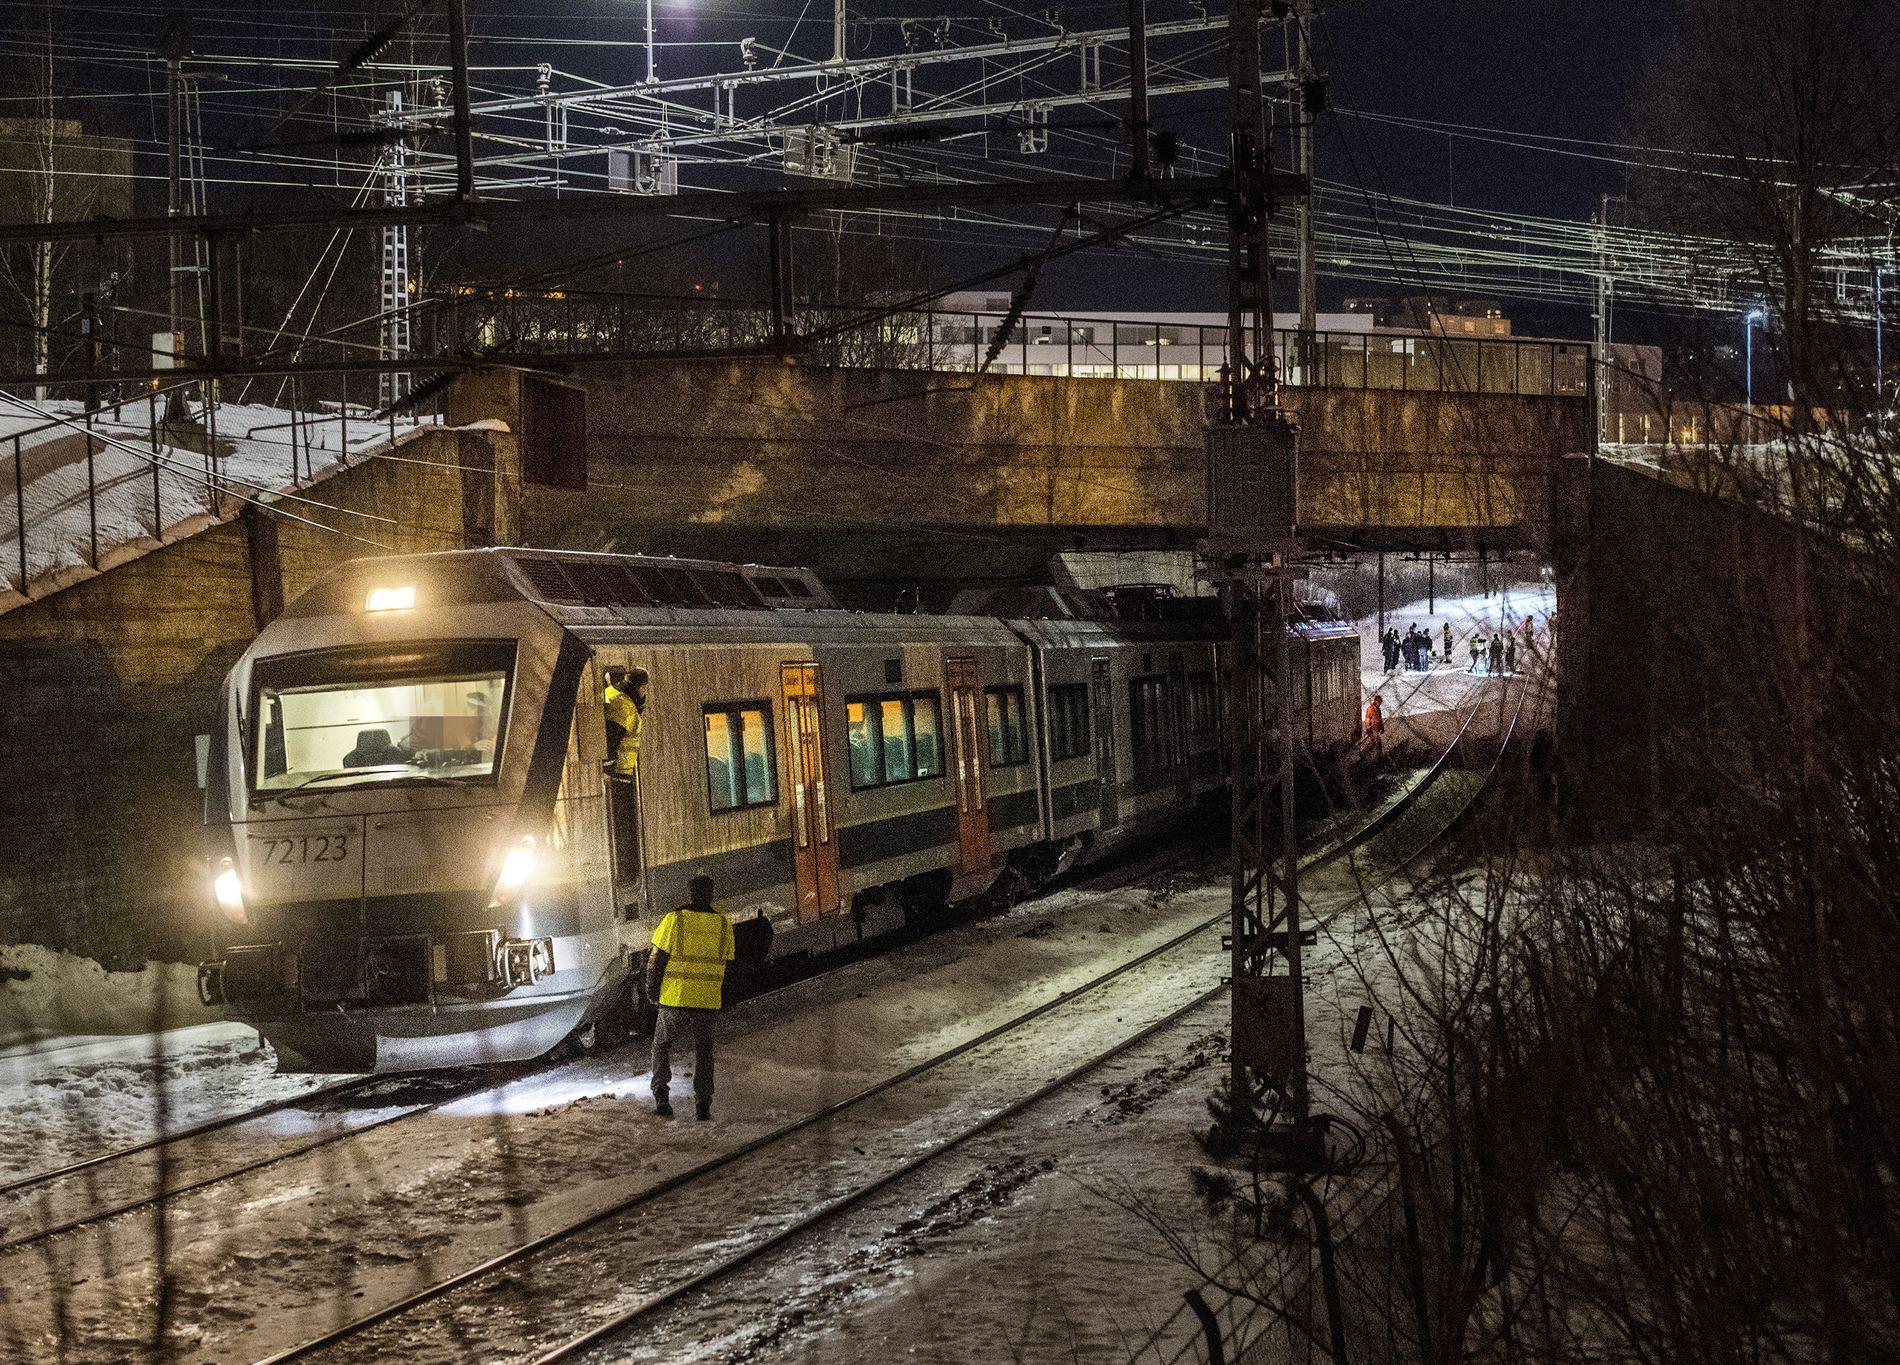 DØDSULYKKE: To omkom i ulykken nær Alna stasjon sent fredag kveld.